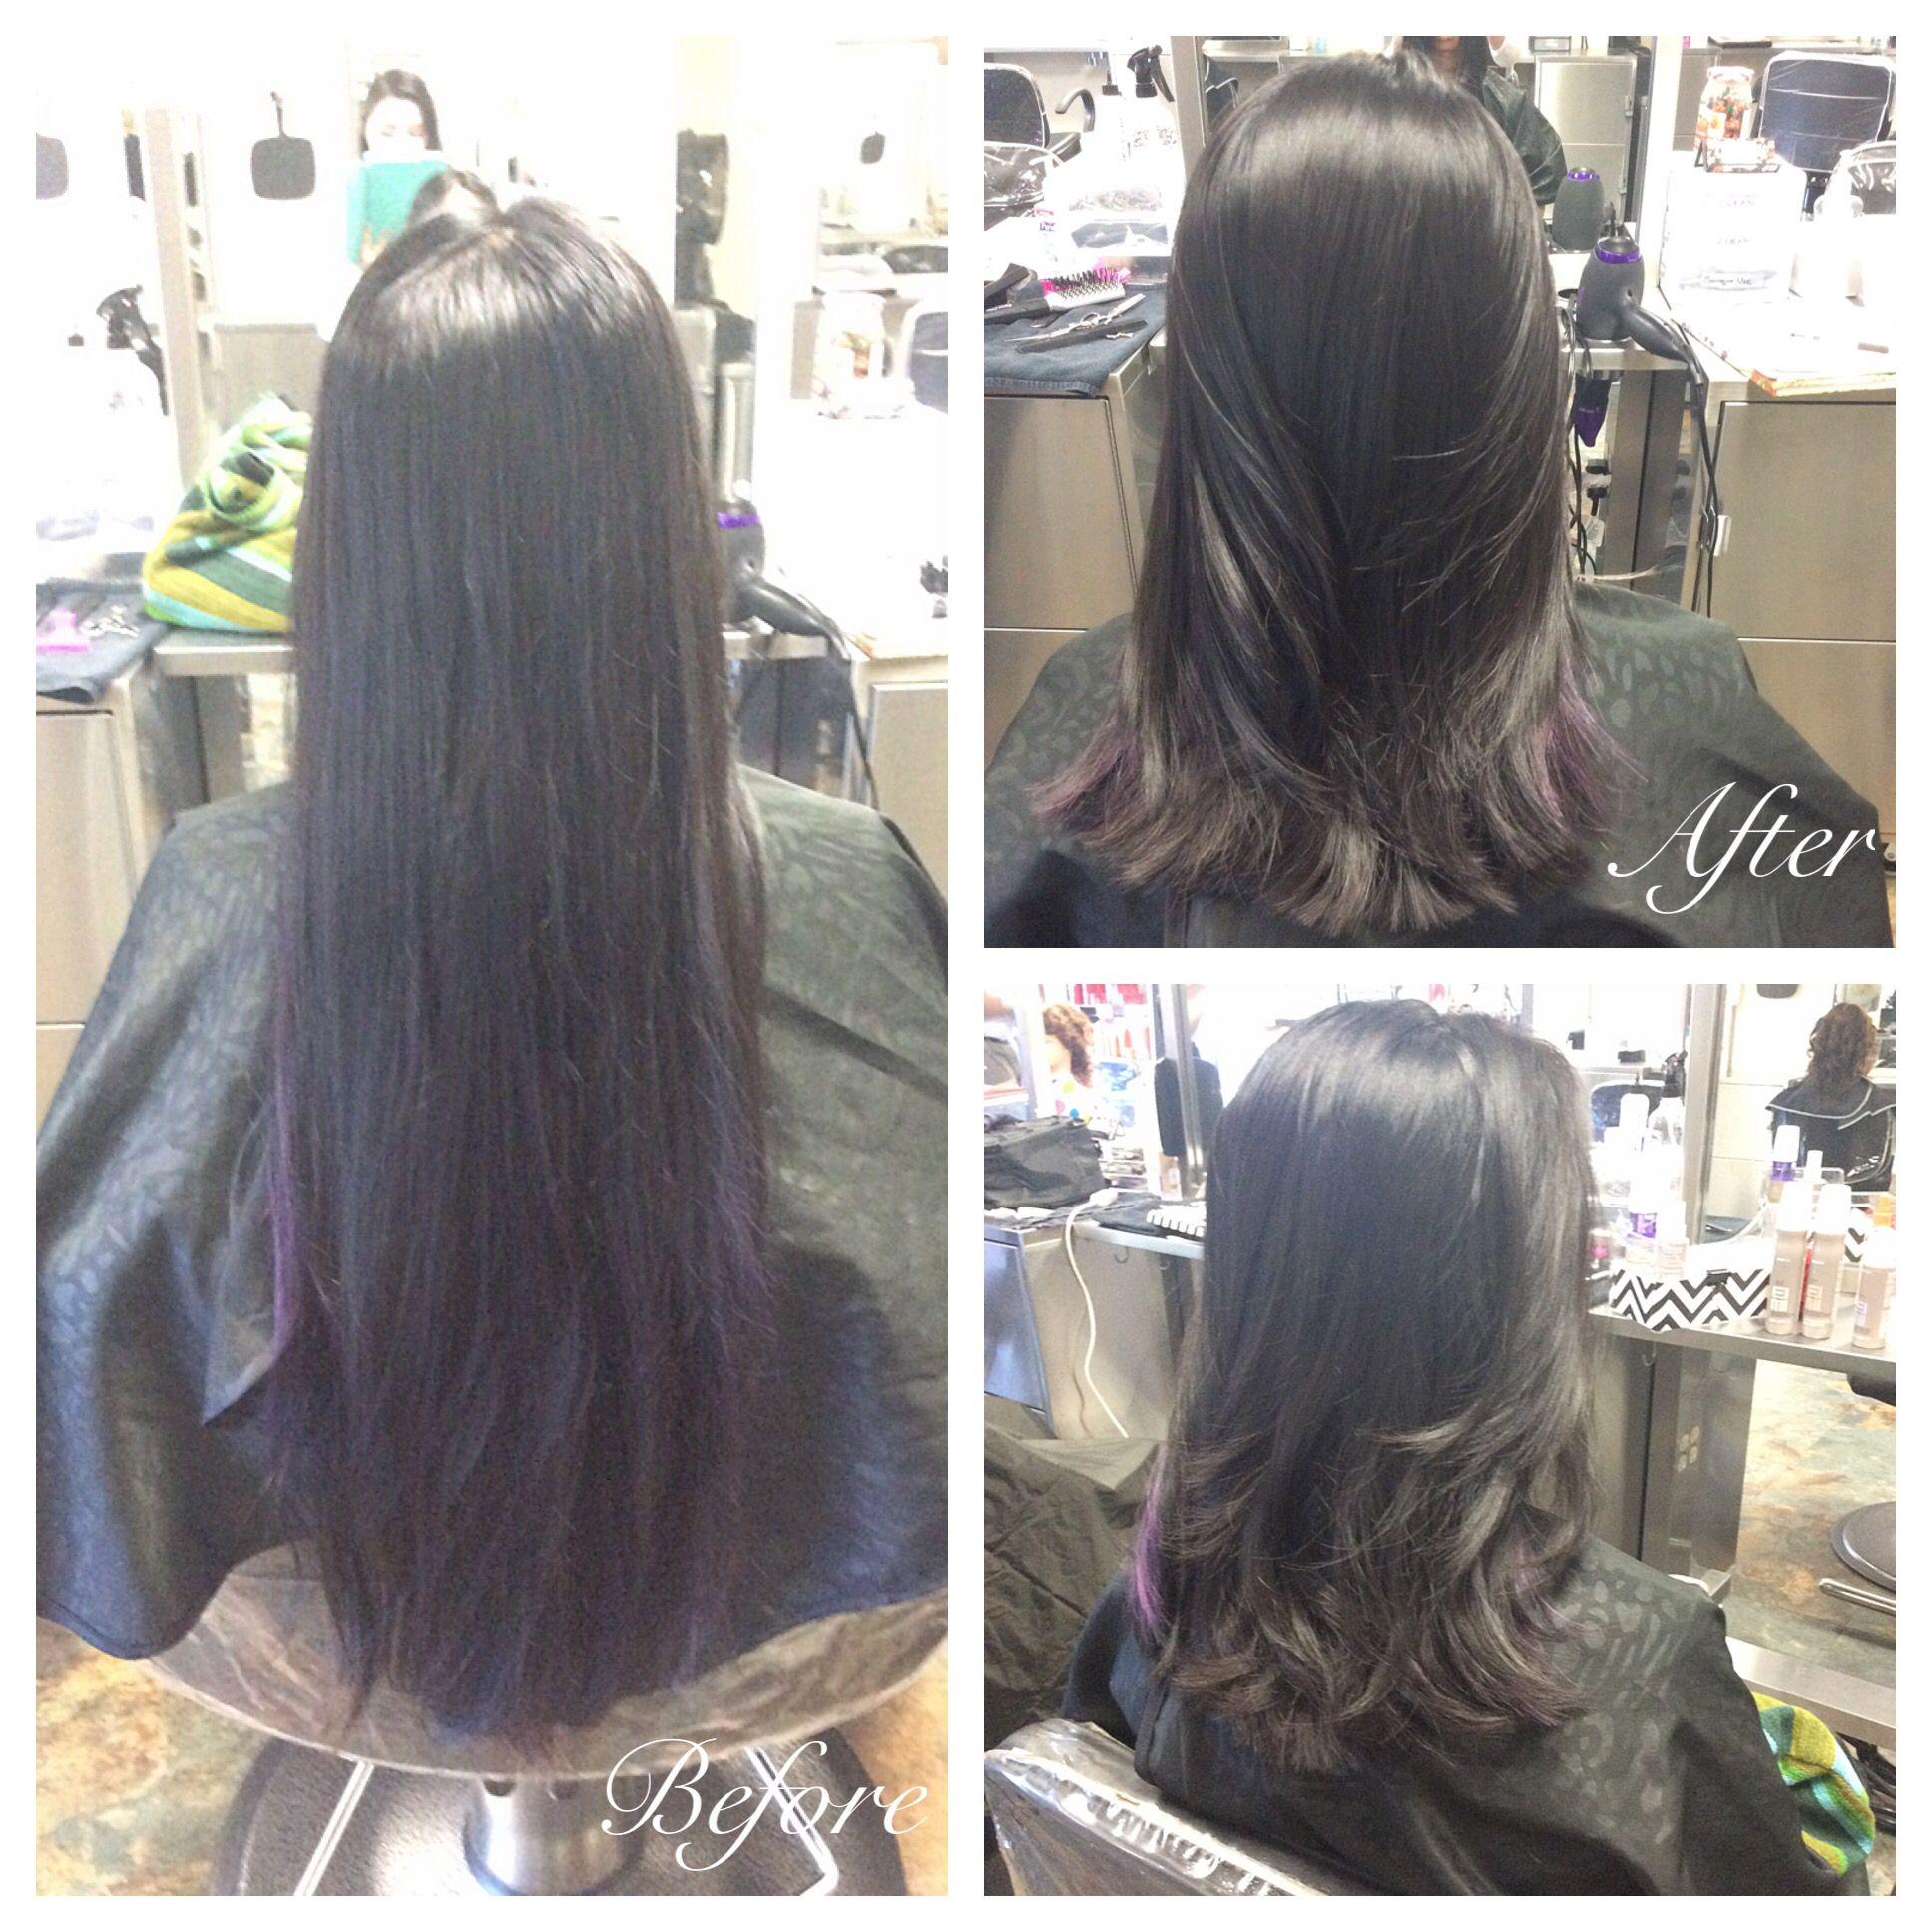 180 Degree Long Layered Haircut Using Shears May 2nd 2016